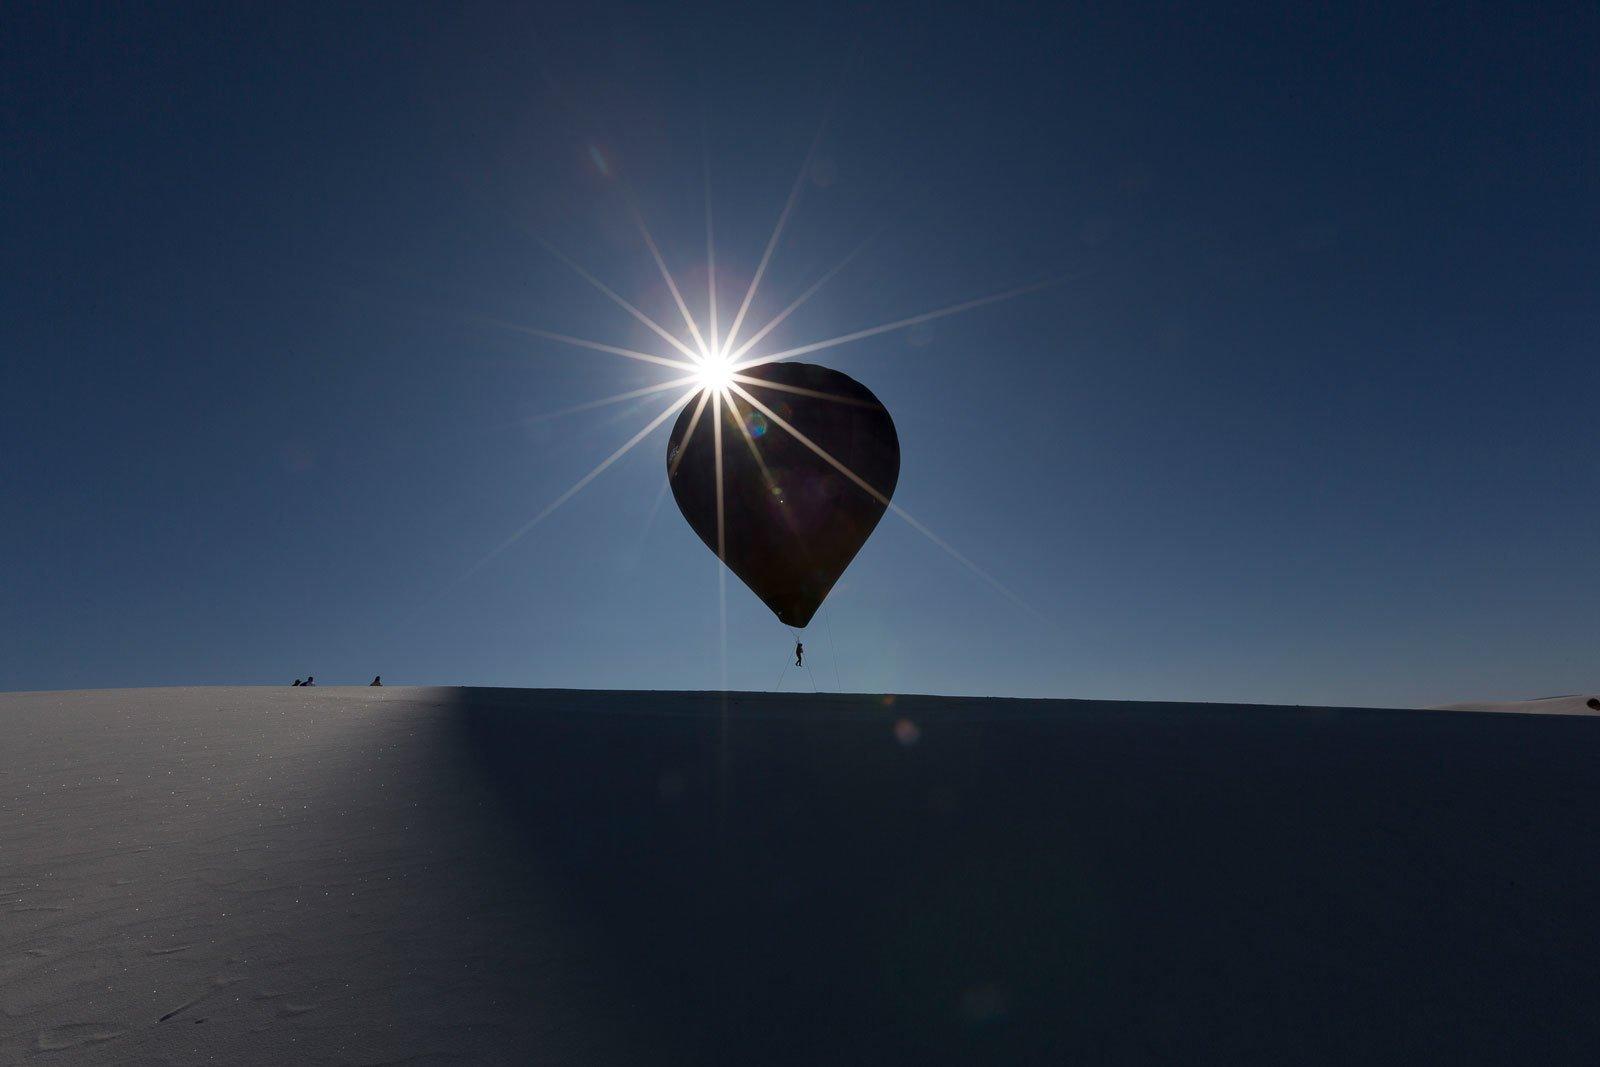 Полет человека, осуществленный как часть проекта «Аэроцен» в Уайт-Сэндсе, Нью-Мексико, США. 2015. В рамках выставки Terri